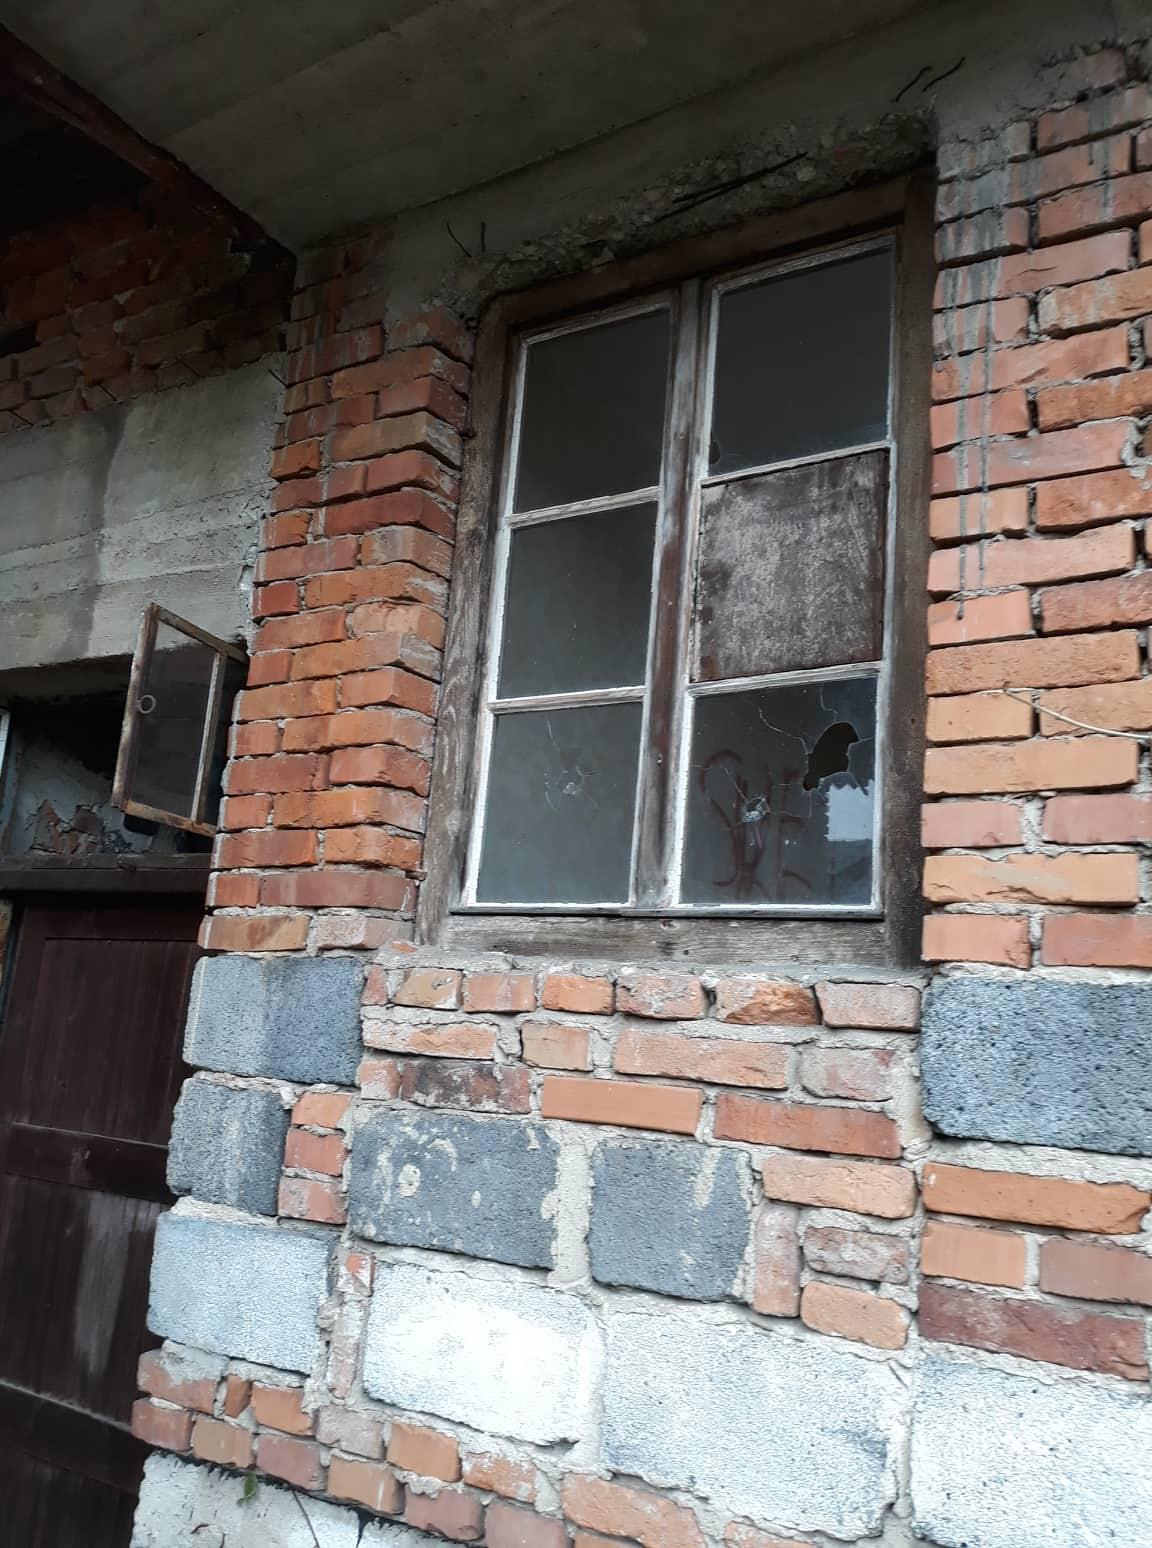 Rekonštrukcia domu-alebo chceme si splniť sen =》🏠🌻🌼🐶  mat domcek a vratit sa na Slovensko - Obrázok č. 13